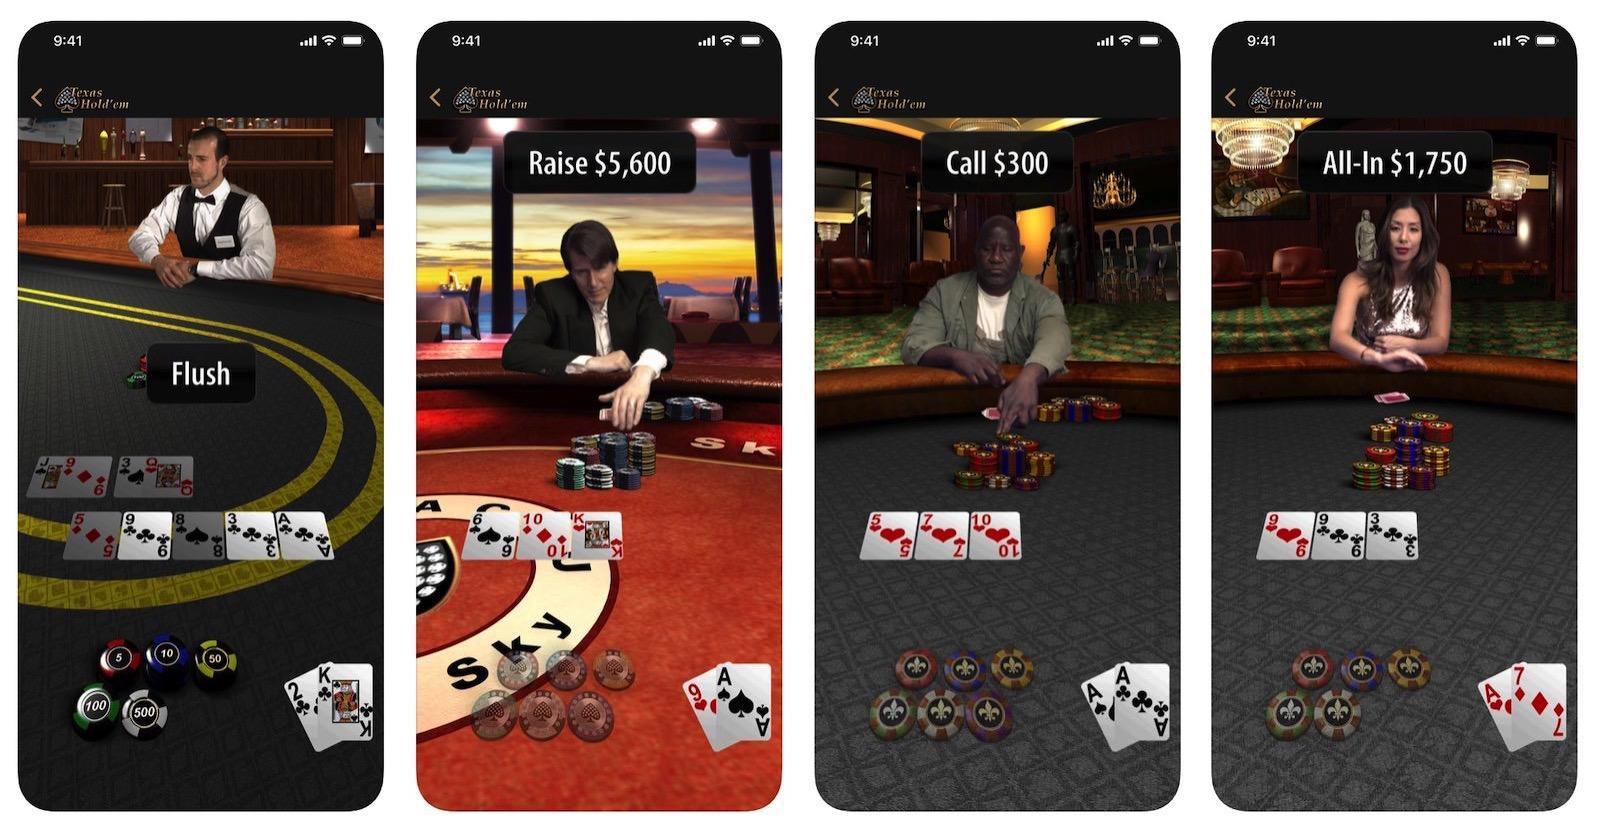 Texas-Holdem-Apple-poker-game.jpg